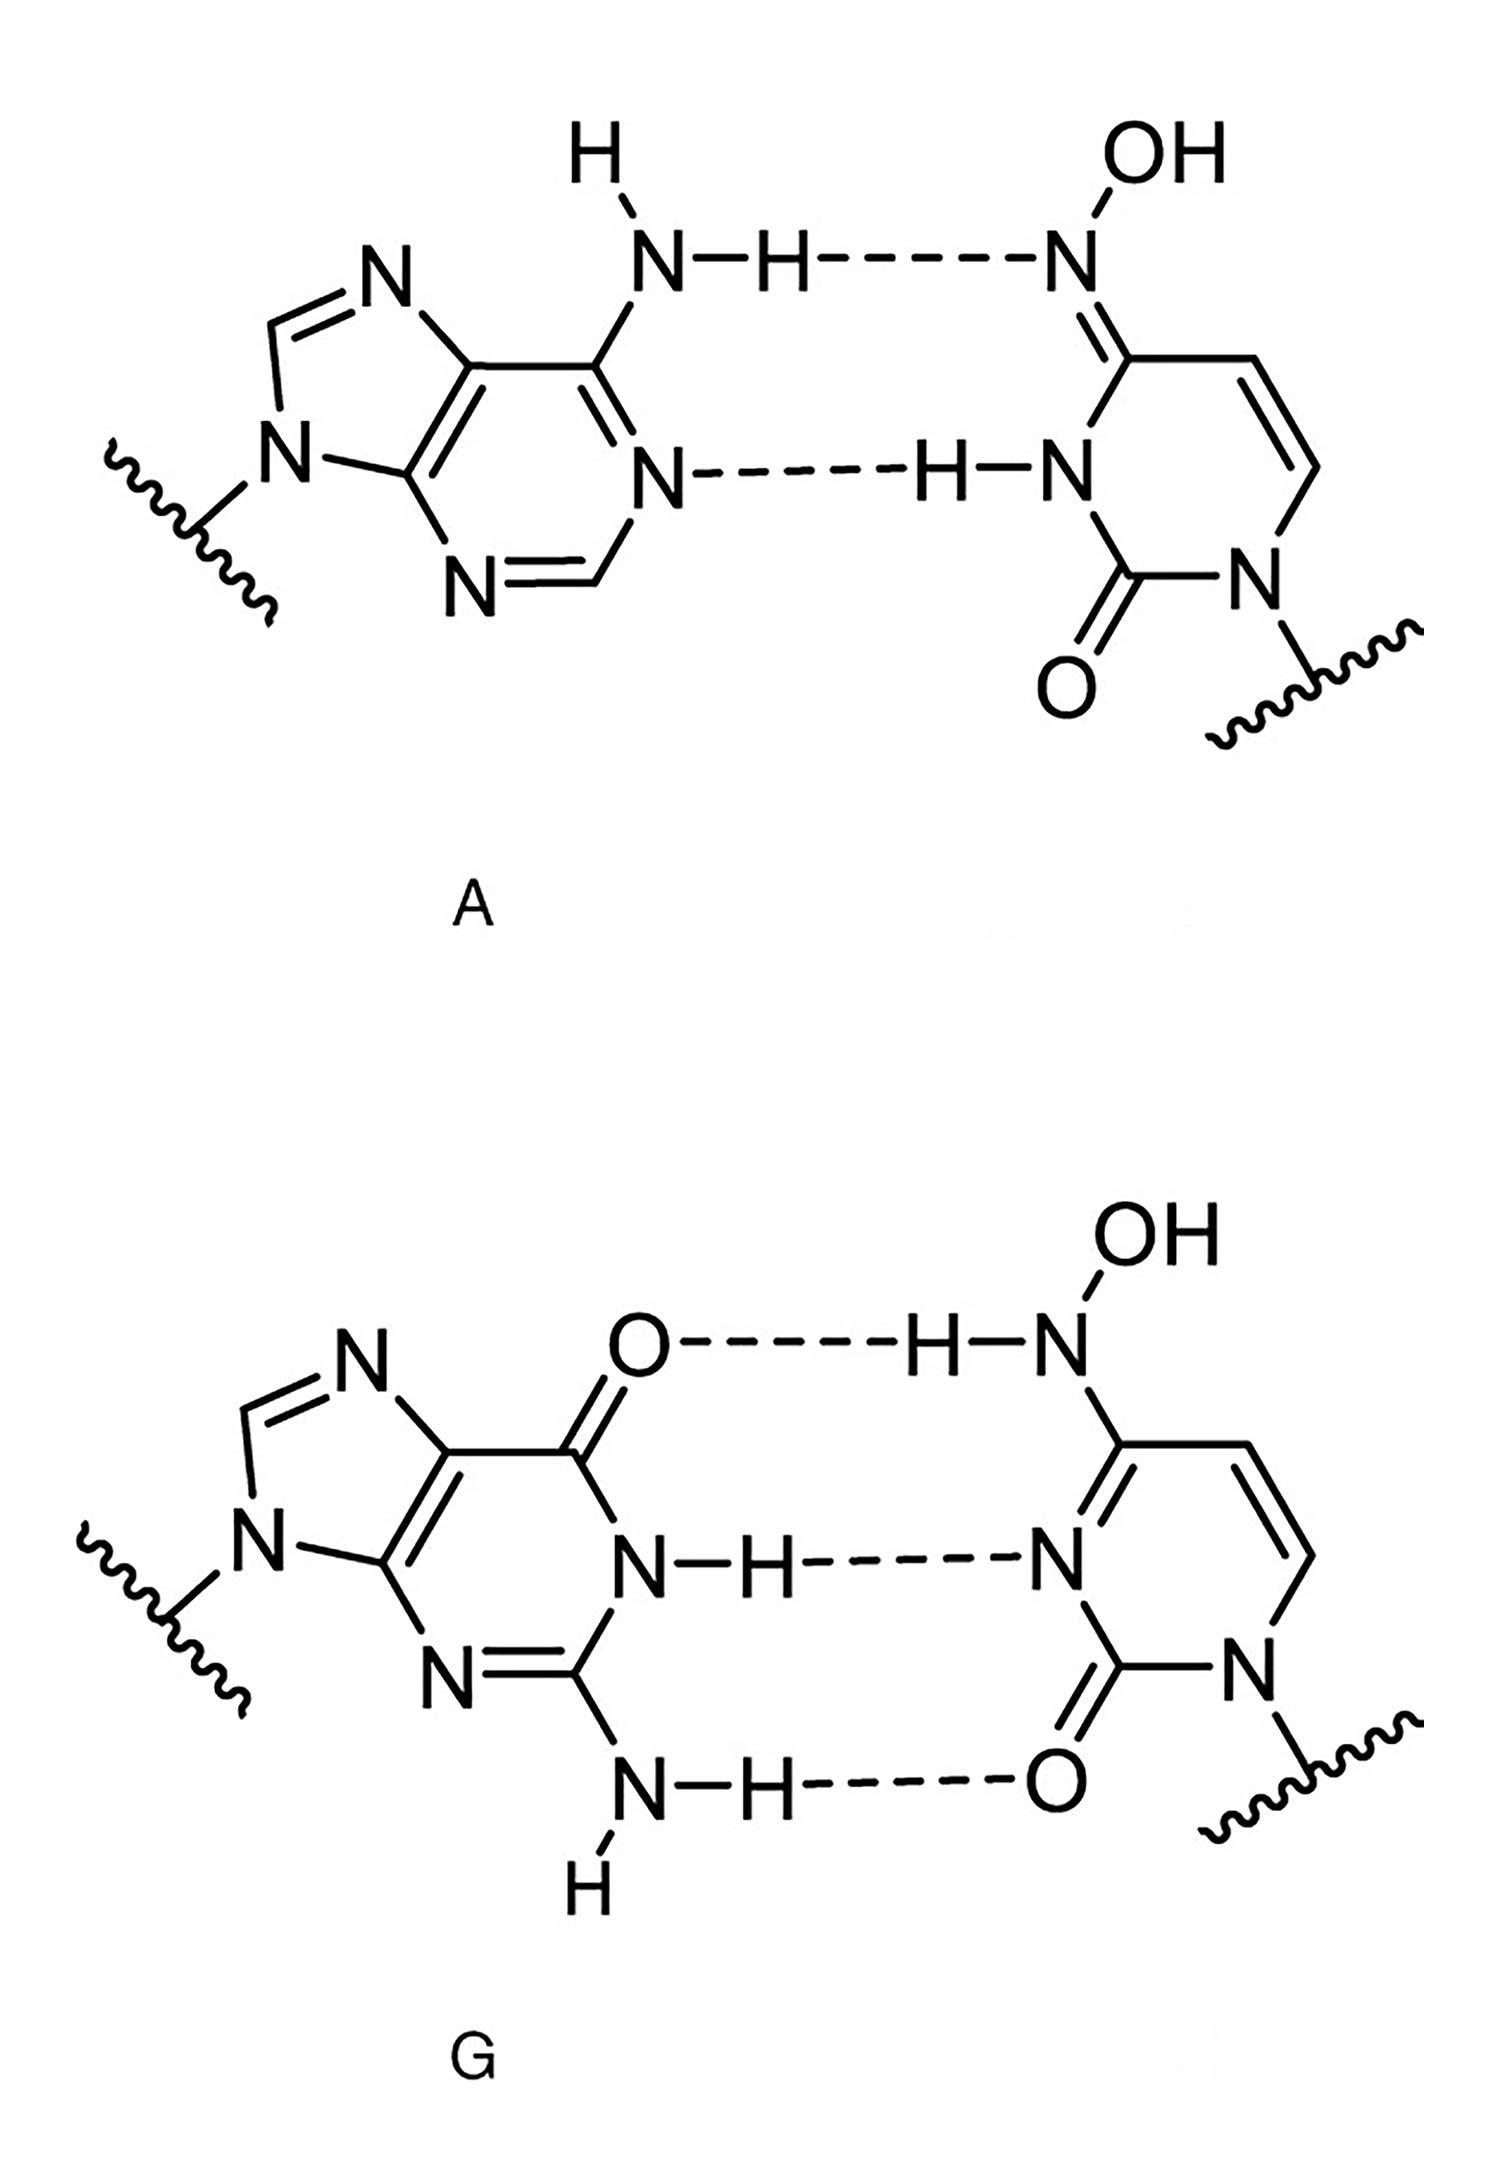 Die zwei Strukturen des NHC mit ihren jeweiligen Bindungen an Adenosin und Guanosin